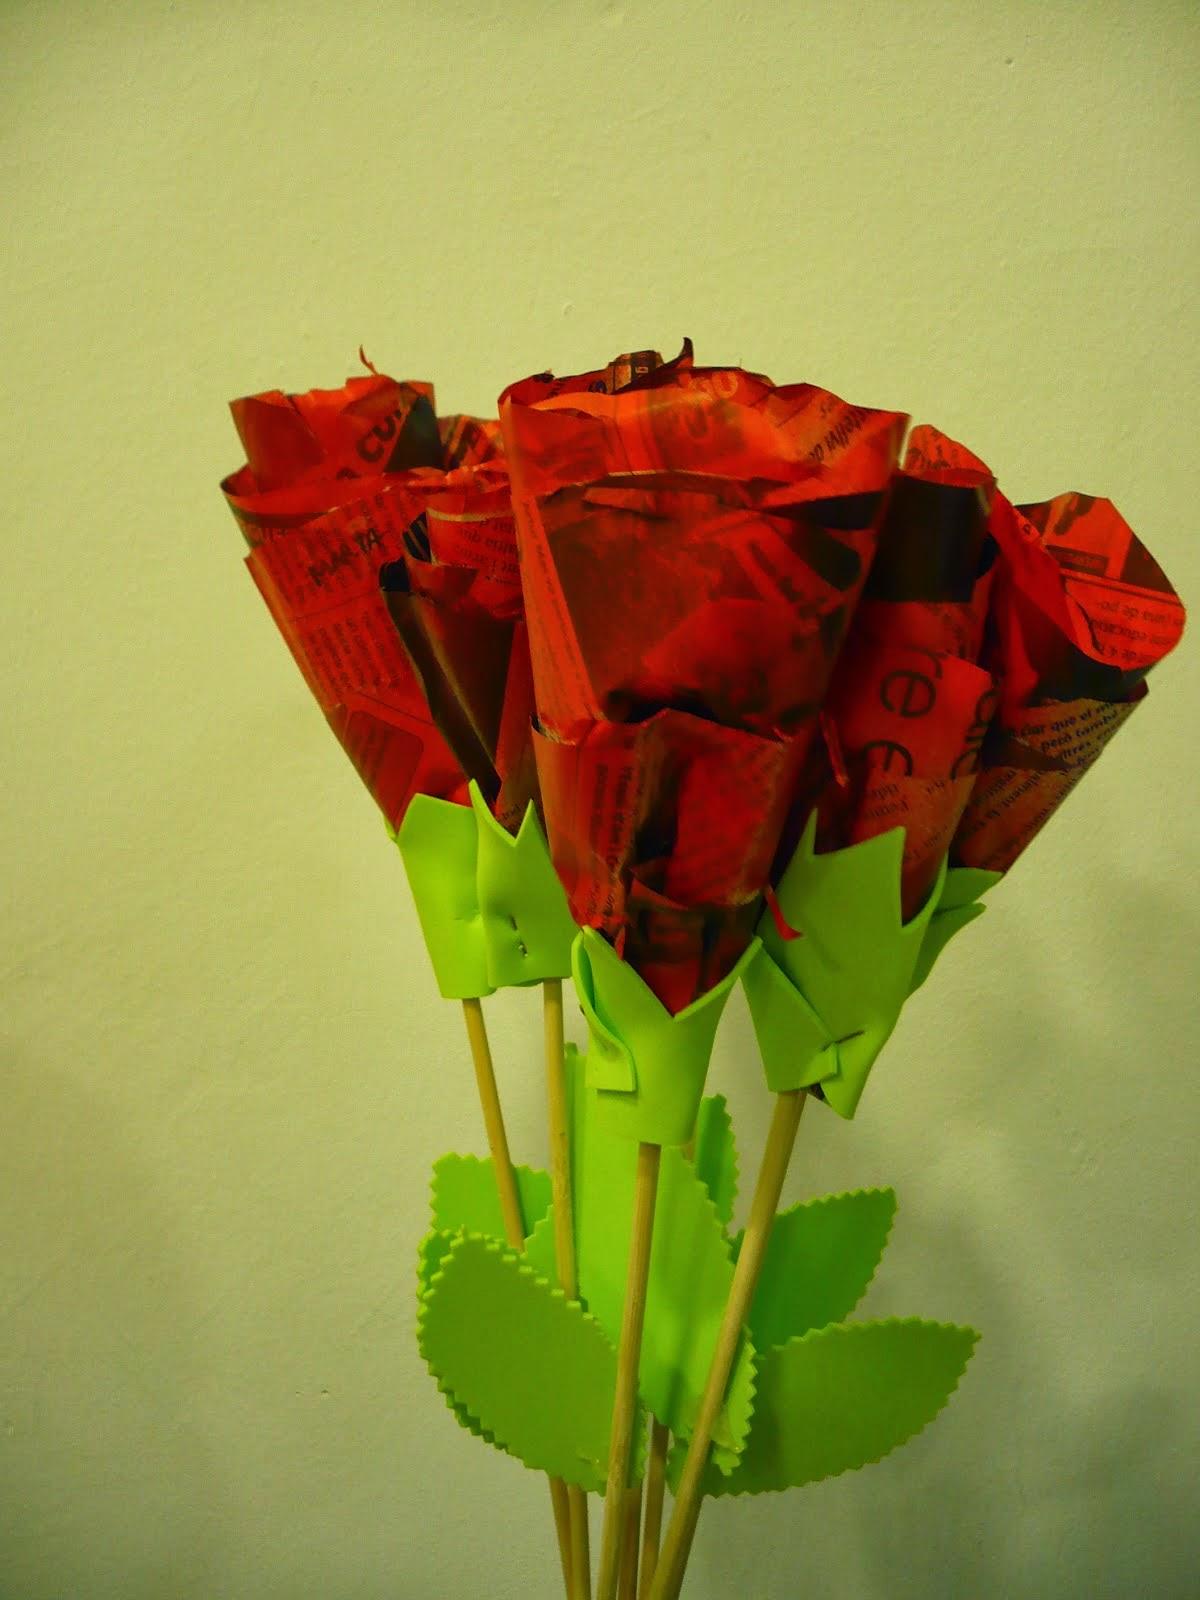 http://plasticaeducacioinfantil.blogspot.com.es/search/label/roses